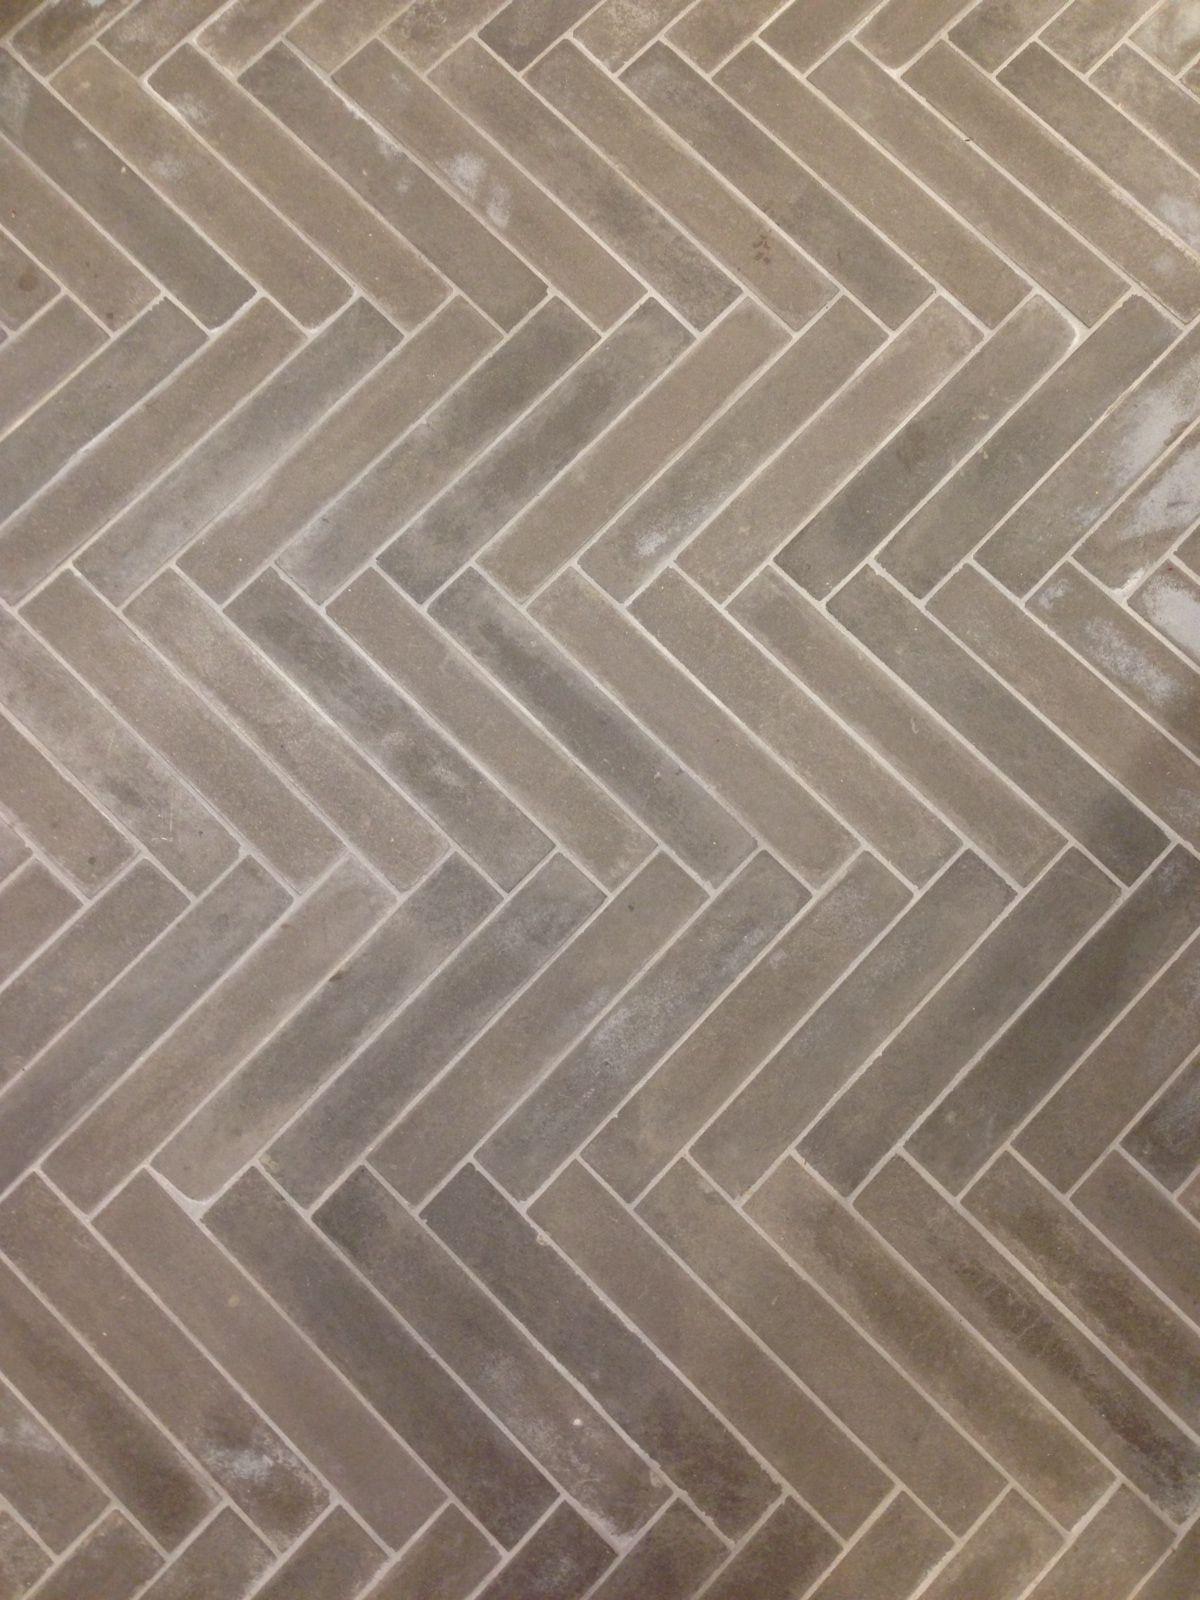 Grey Herringbone Tile Photo Of Anthropologie Floor